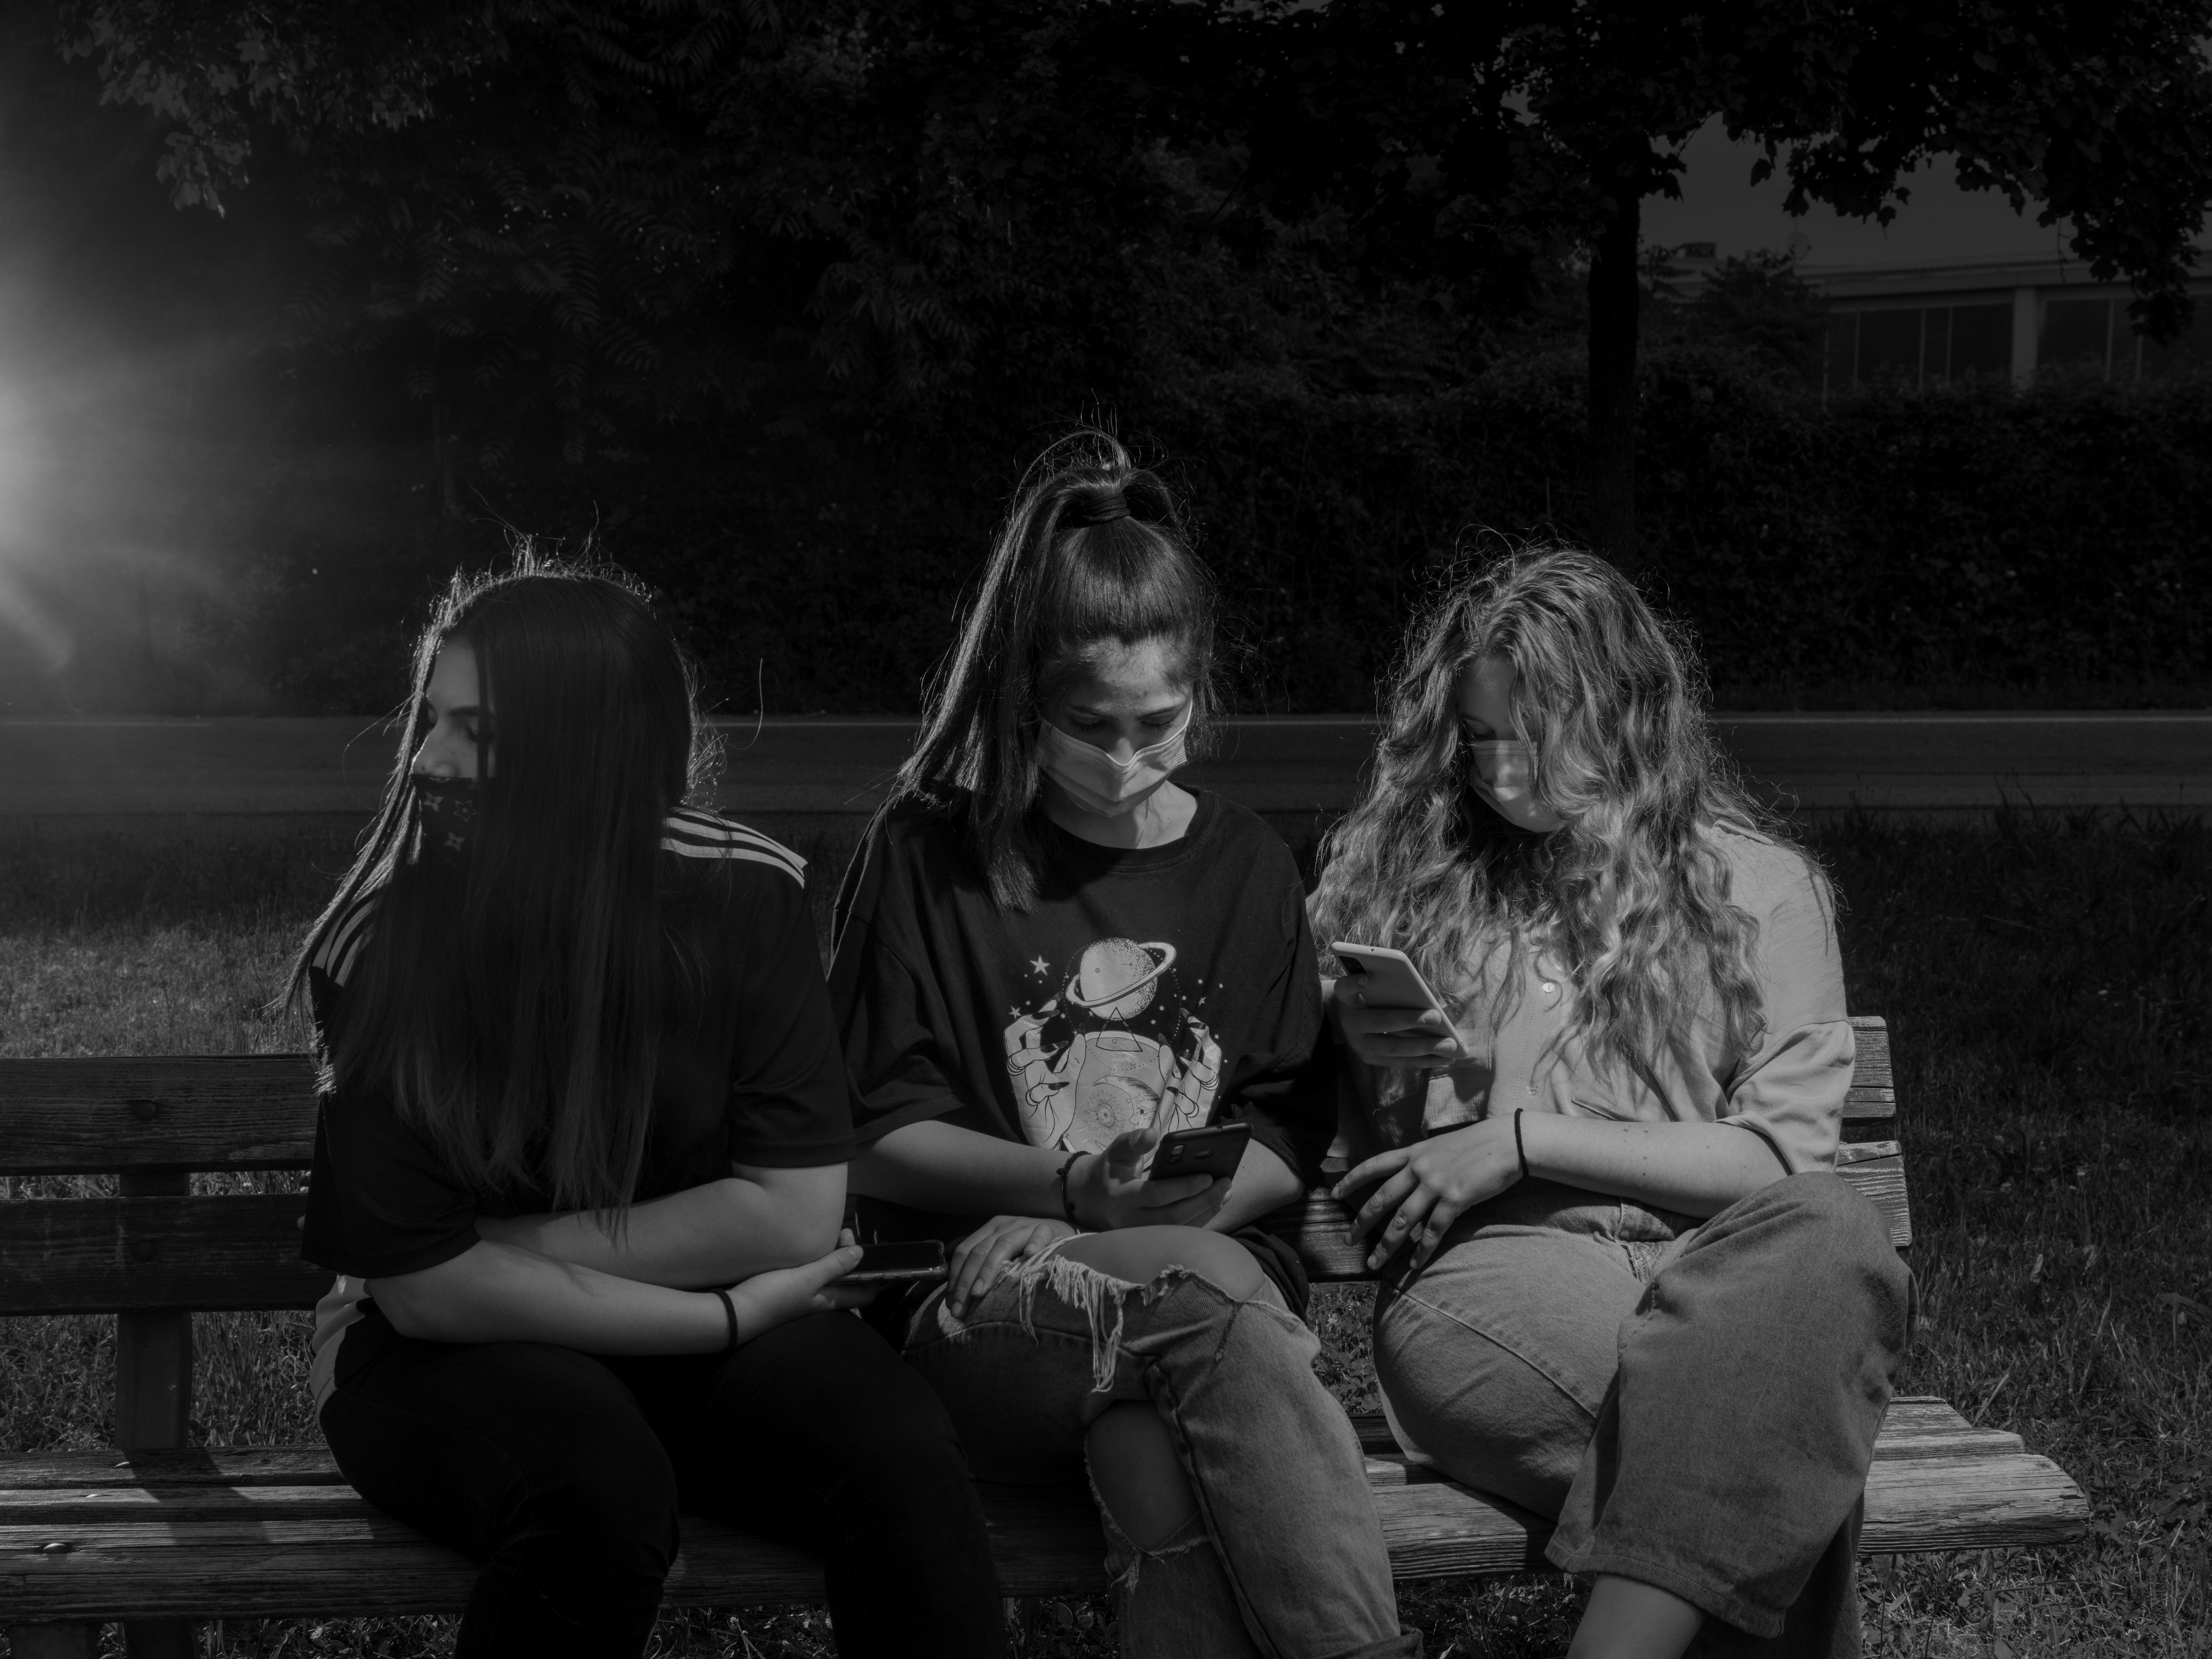 Anna siede con le sue migliori amiche, Clarissa e Chiara, nel parco vicino alla casa di Anna.